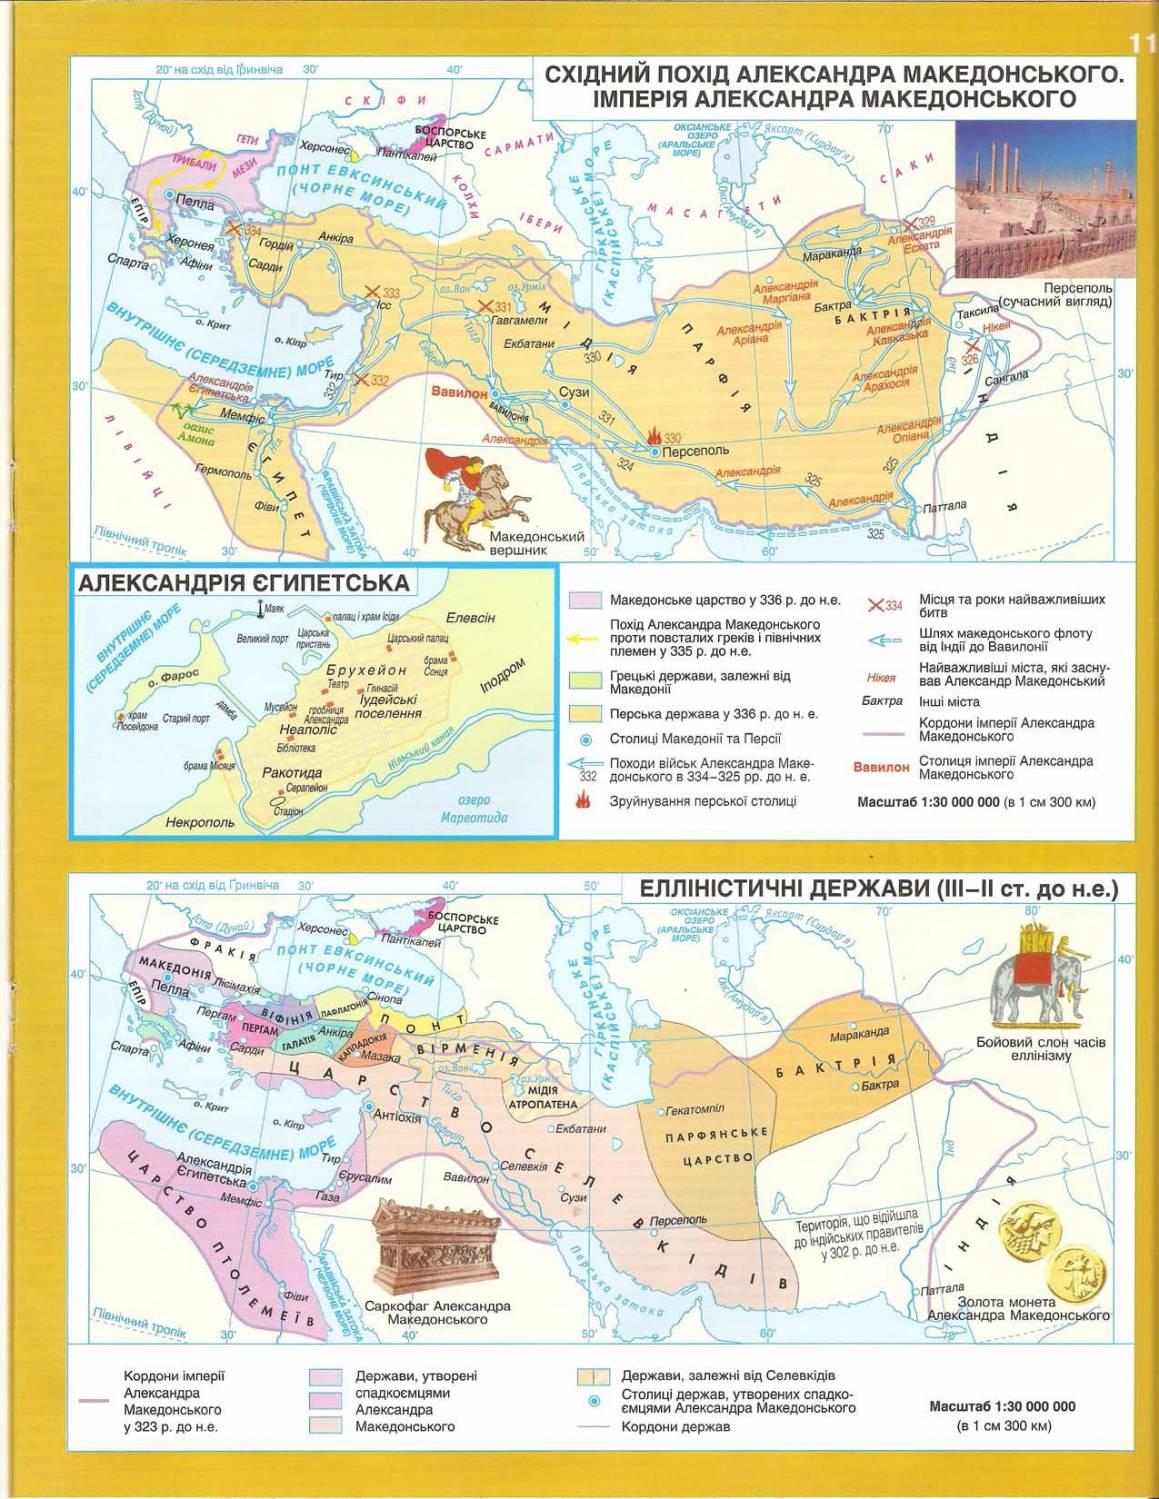 Історія держави стародавнього світу